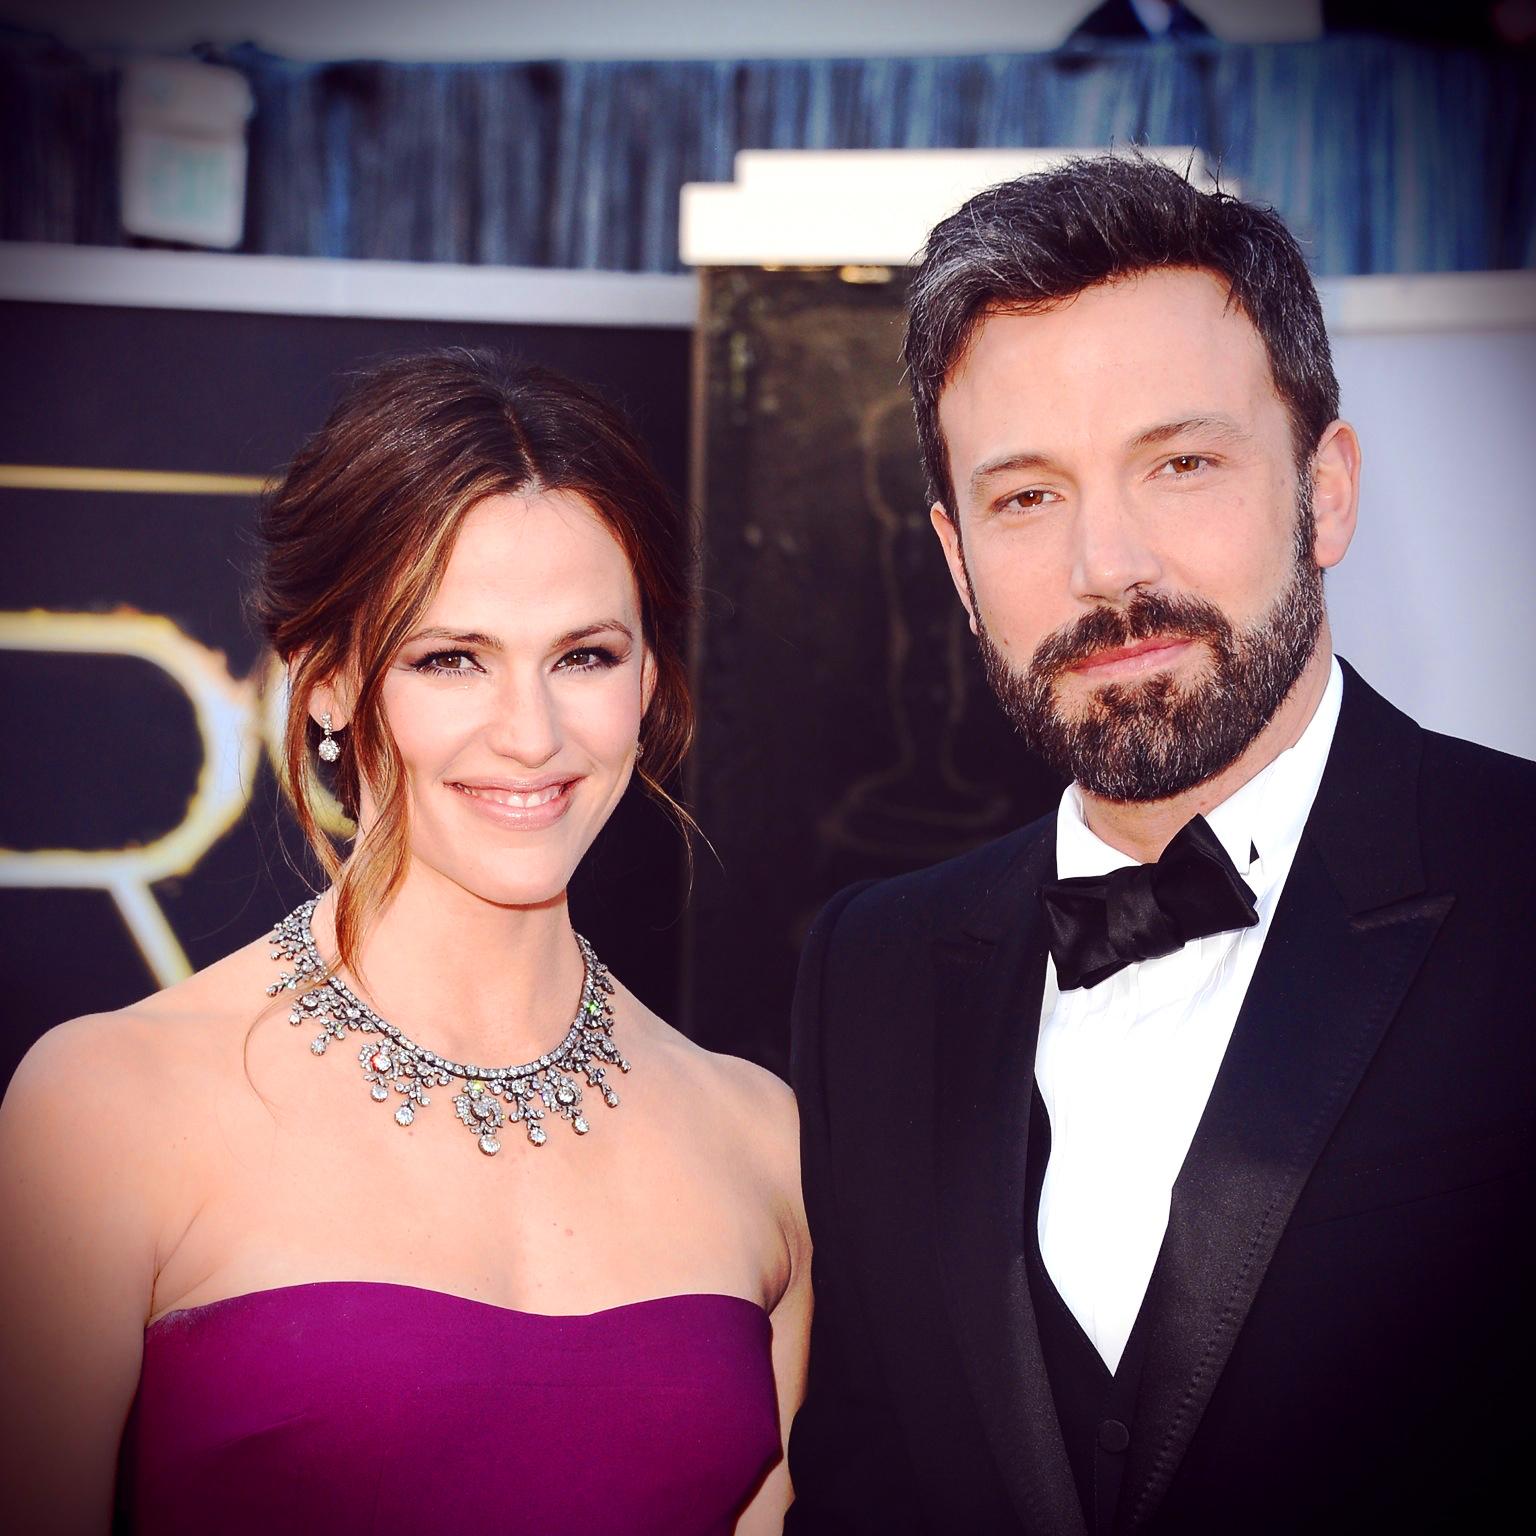 Jennifer Garner Ben Affleck divorce